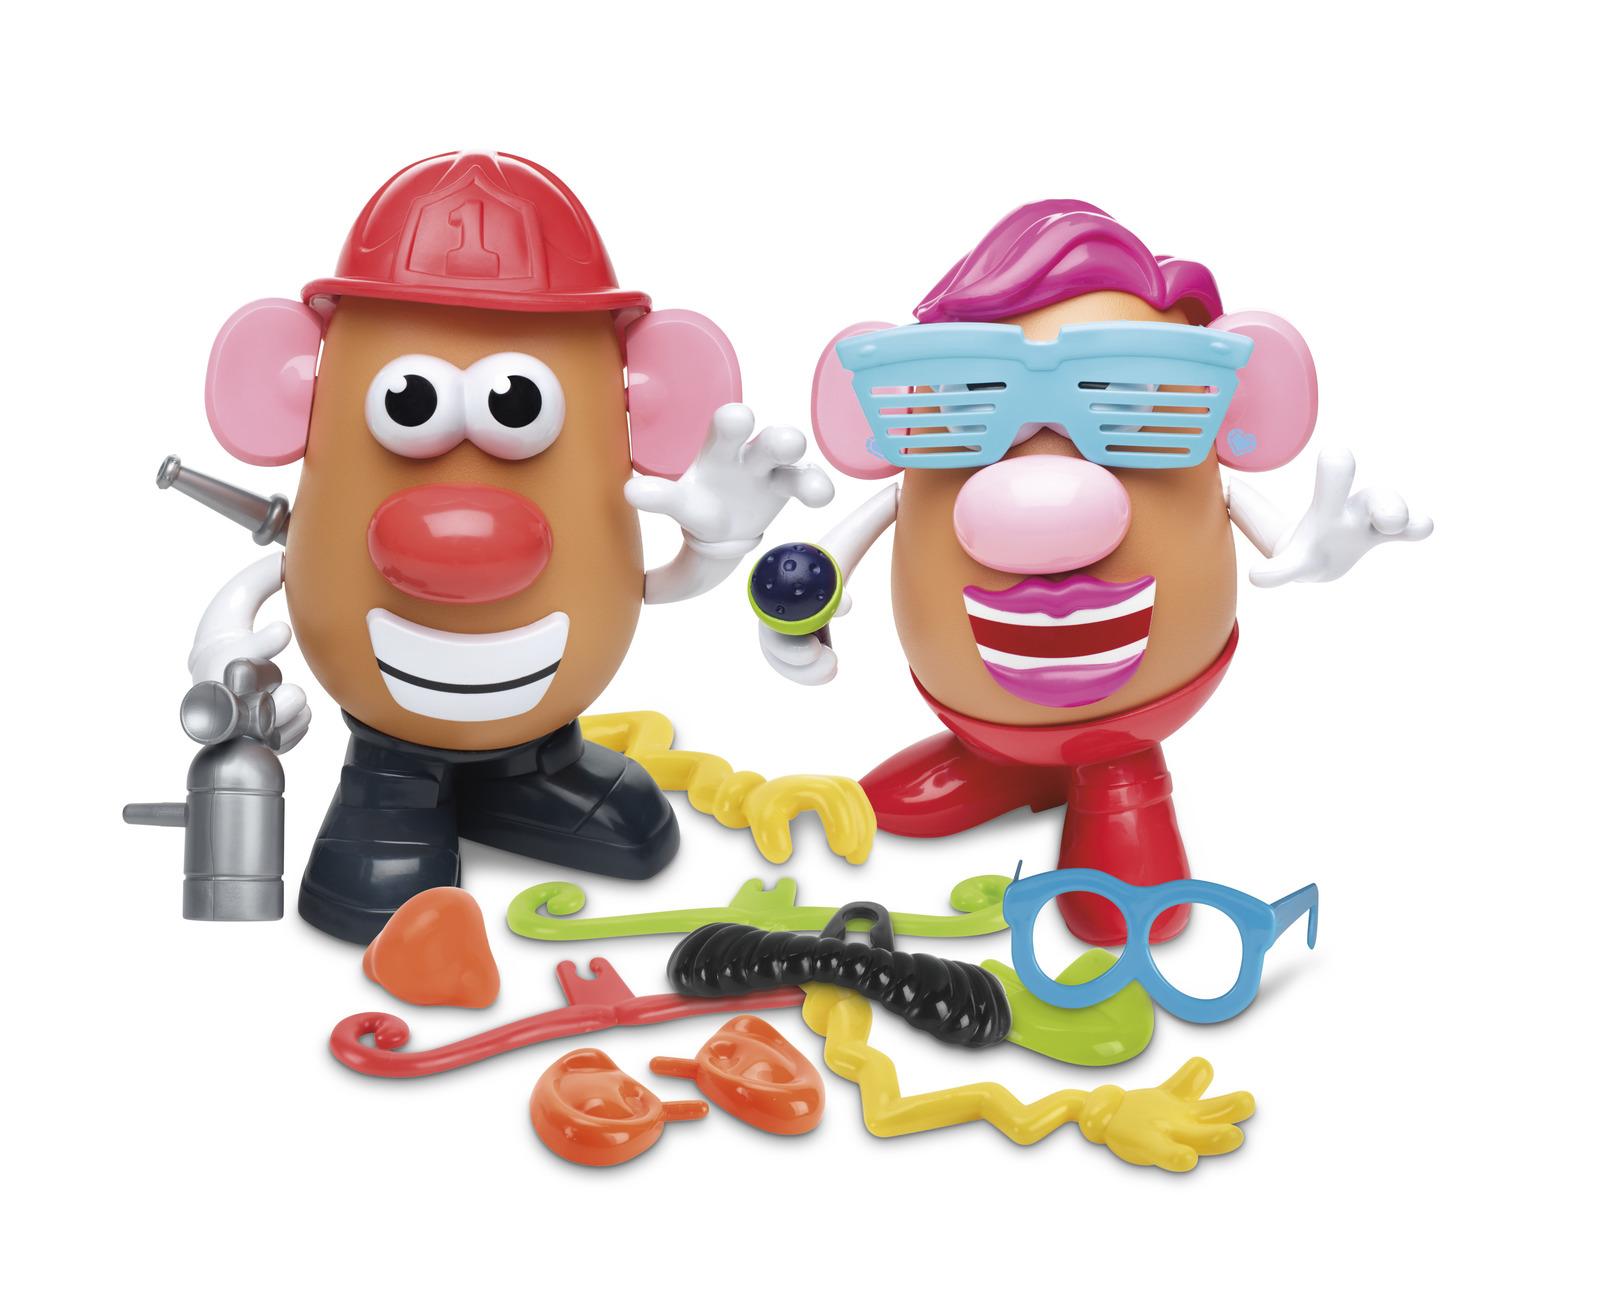 Playskool: Mr Potato Head - Spud Set image